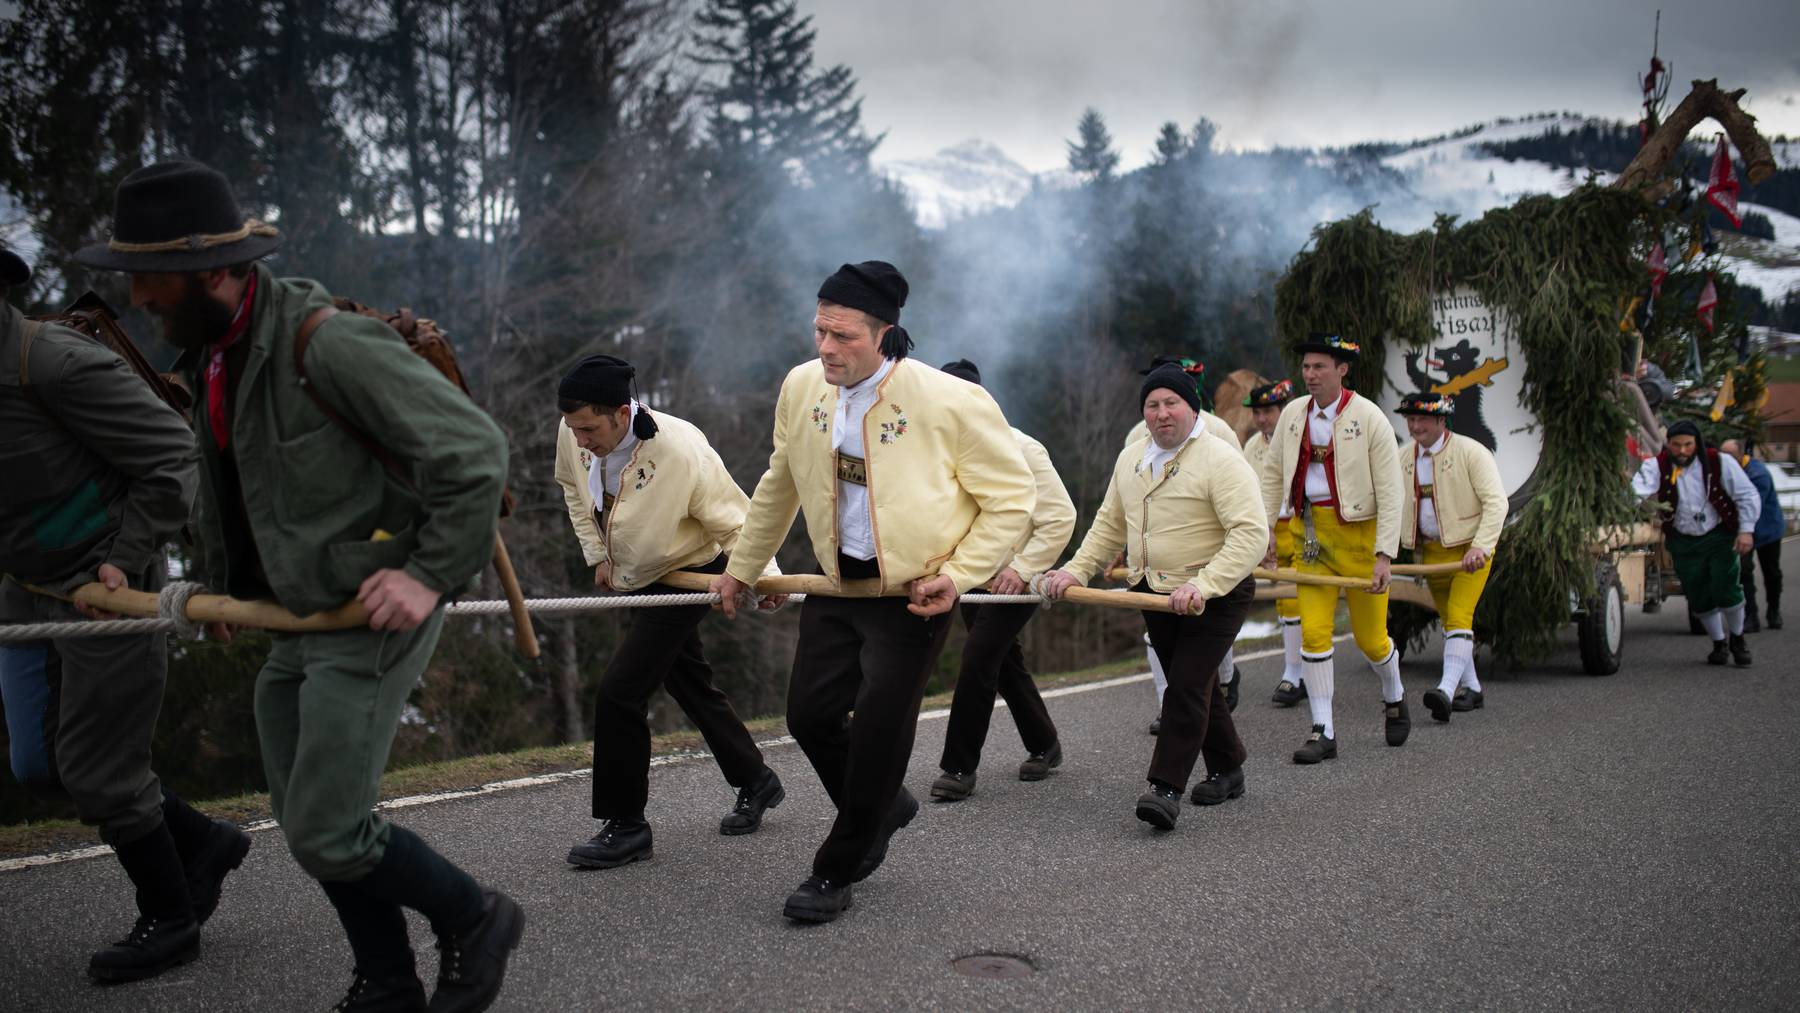 Der Bloch-Umzug hat im Kanton Appenzell Ausserrhoden eine lange Tradition.